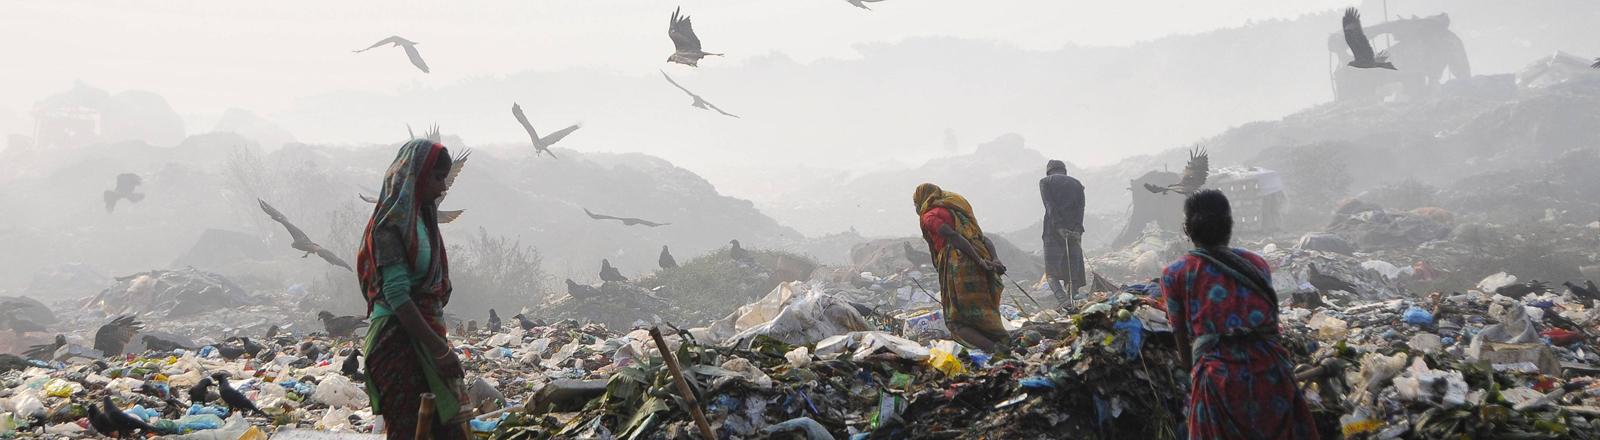 Menschen auf Müllkippe in Bangladesch (2015)